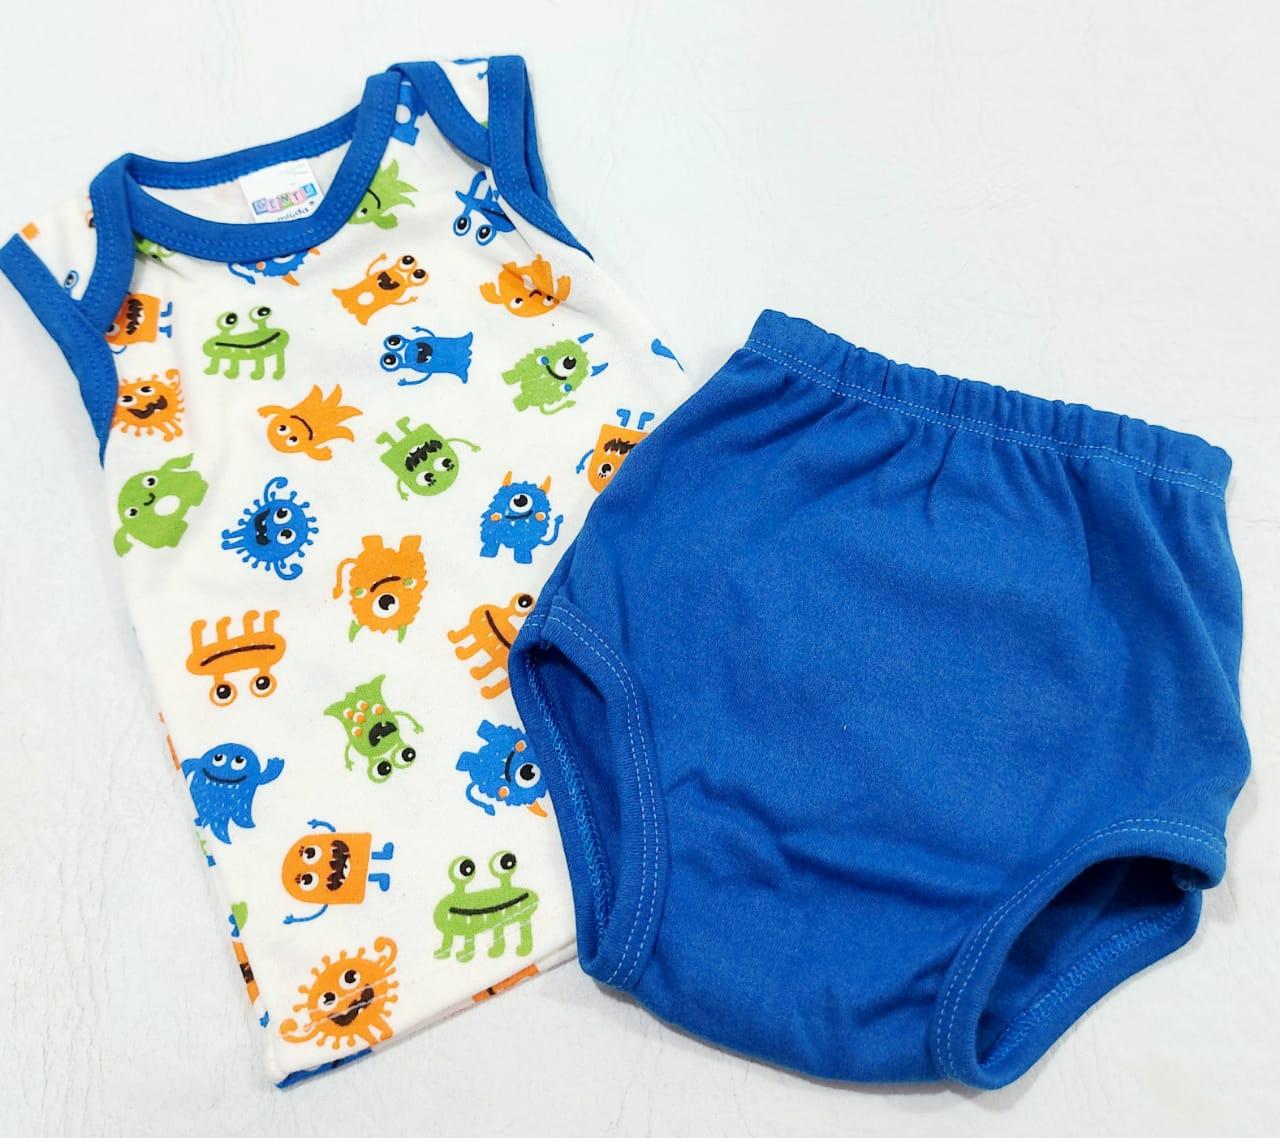 Conjunto Estampado e Bordado - Camisa Regata e Tapa Fralda - 02 Peças - 100% Algodão - Gente Miúda